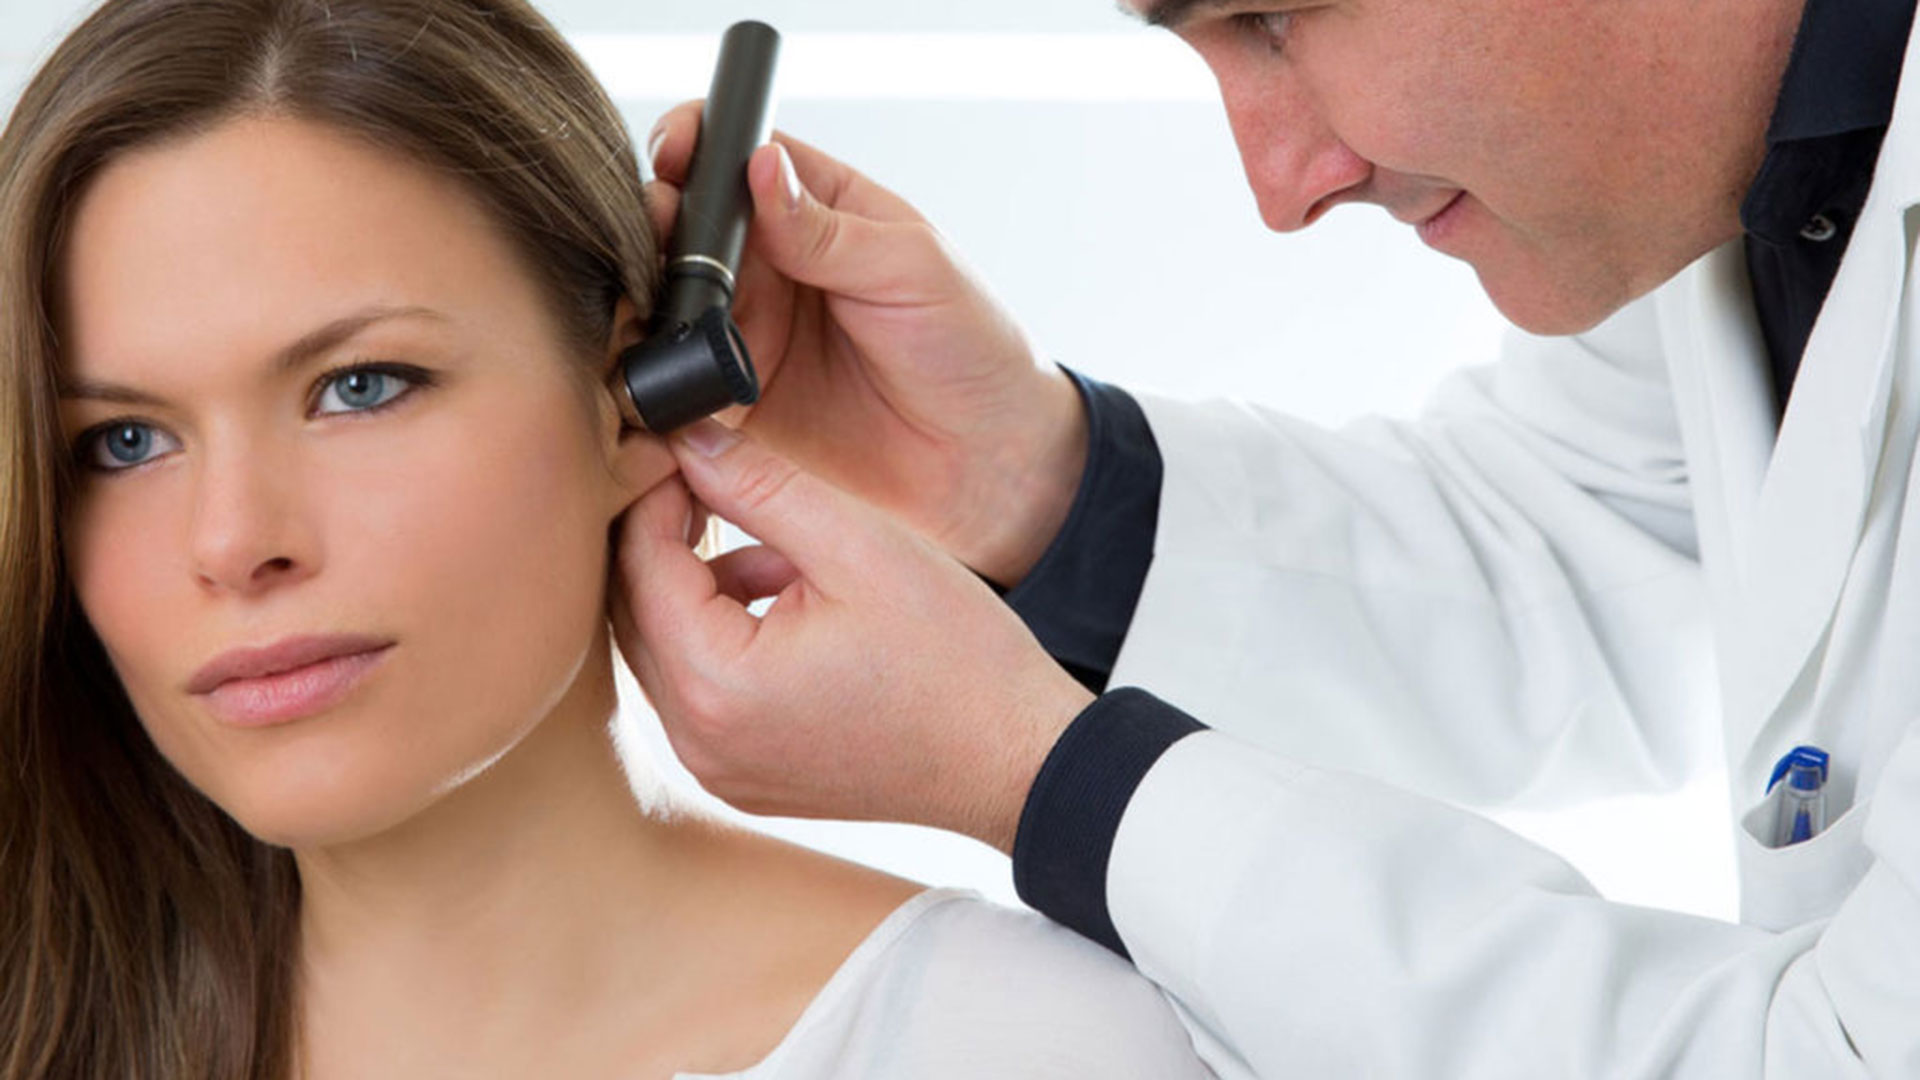 En algunos pacientes esta condición puede afectar su vida cotidiana y su funcionalidad, además de la posibilidad de que presente síntomas de ansiedad ante la imposibilidad de que el zumbido cese